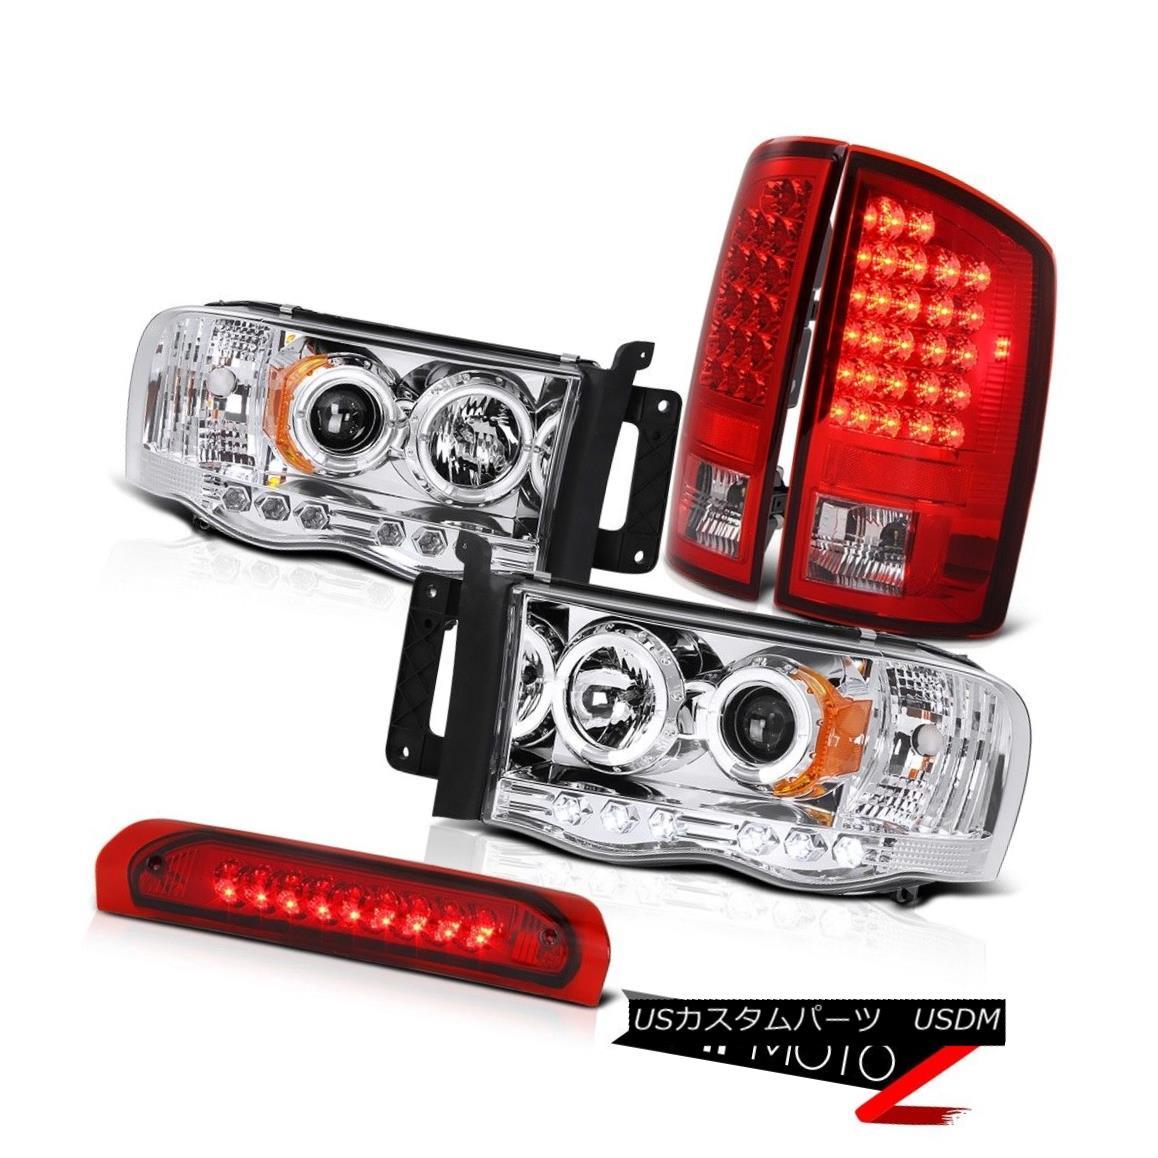 テールライト [FACTORY STYLE] Red LED Brake Tail Lamp Chrome Halo Projector Head Light Cab 3RD [ファクトリースタイル]レッドLEDブレーキテールランプクロームハロープロジェクターヘッドライトキャブ3RD